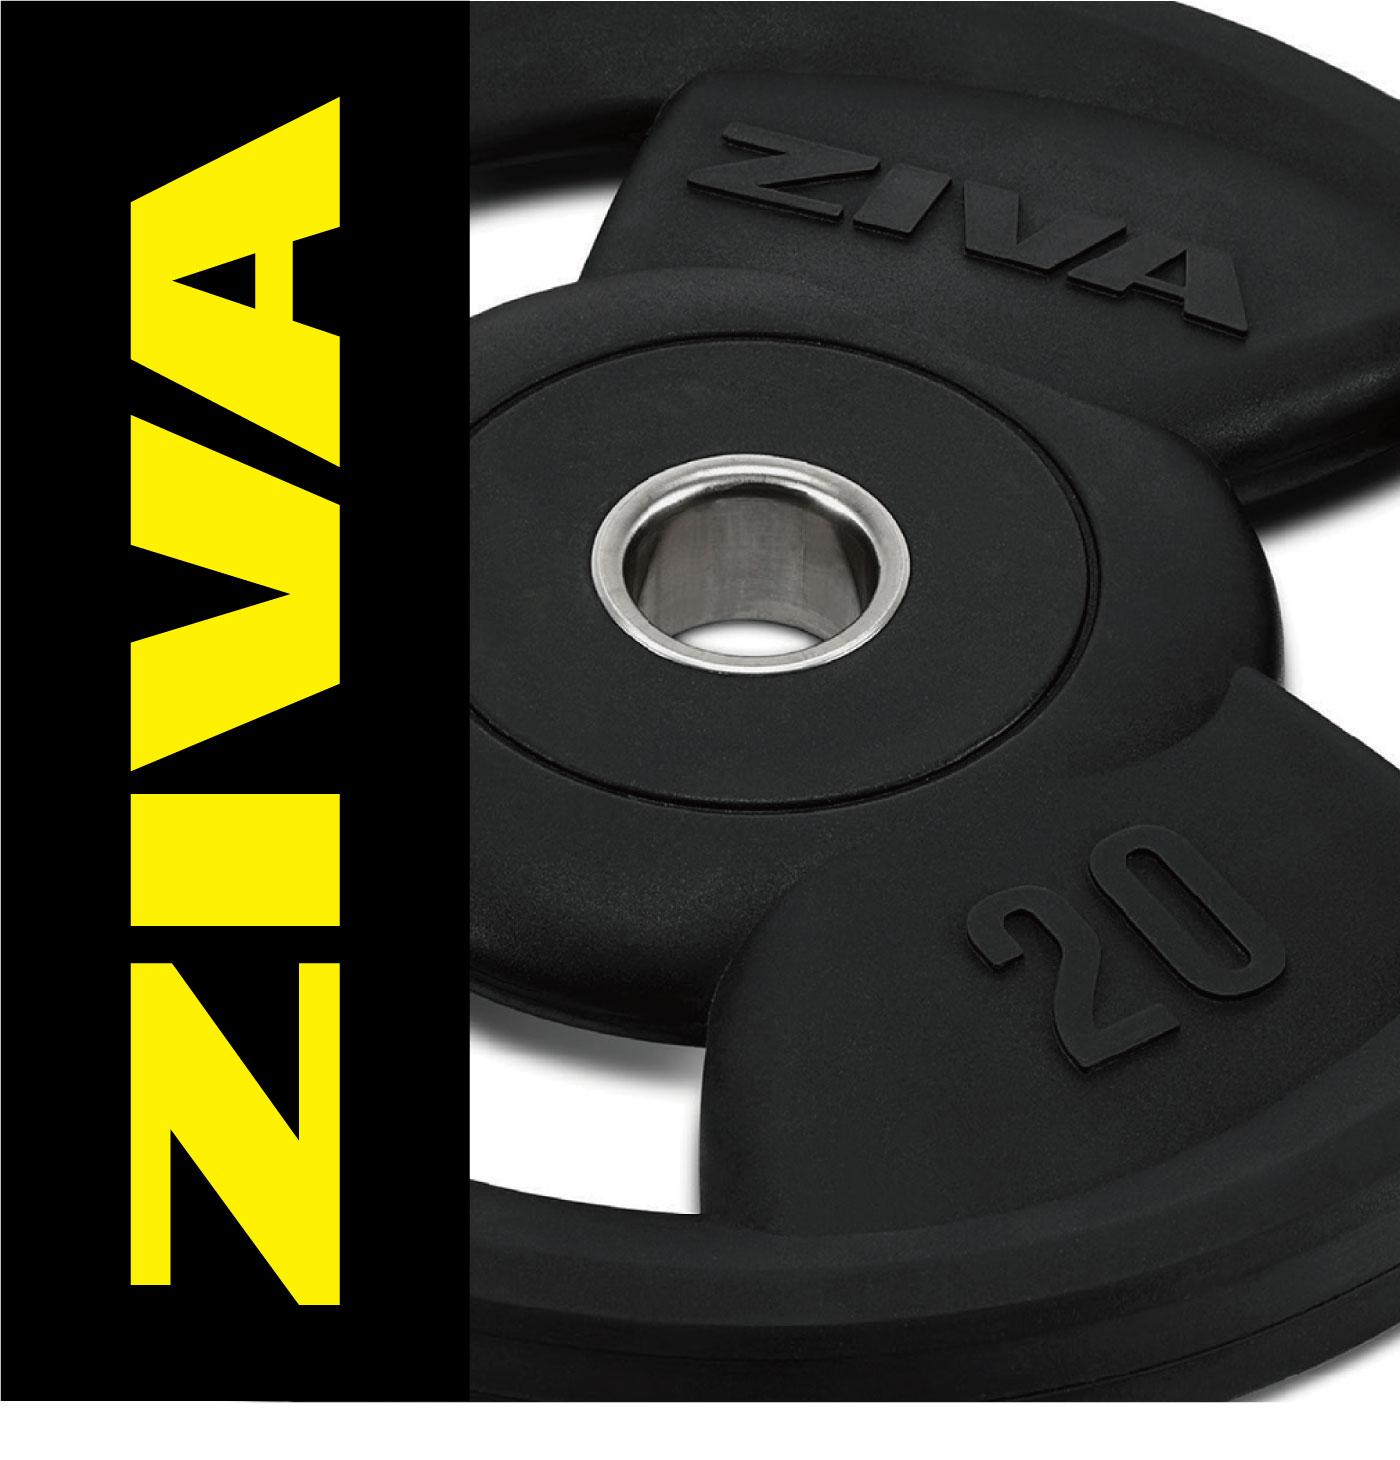 ラバーグリップディスク7枚セット(1.25kg〜25kg)/ディスク7枚セット〈業務用〉《ZIVA(ジーヴァ)》